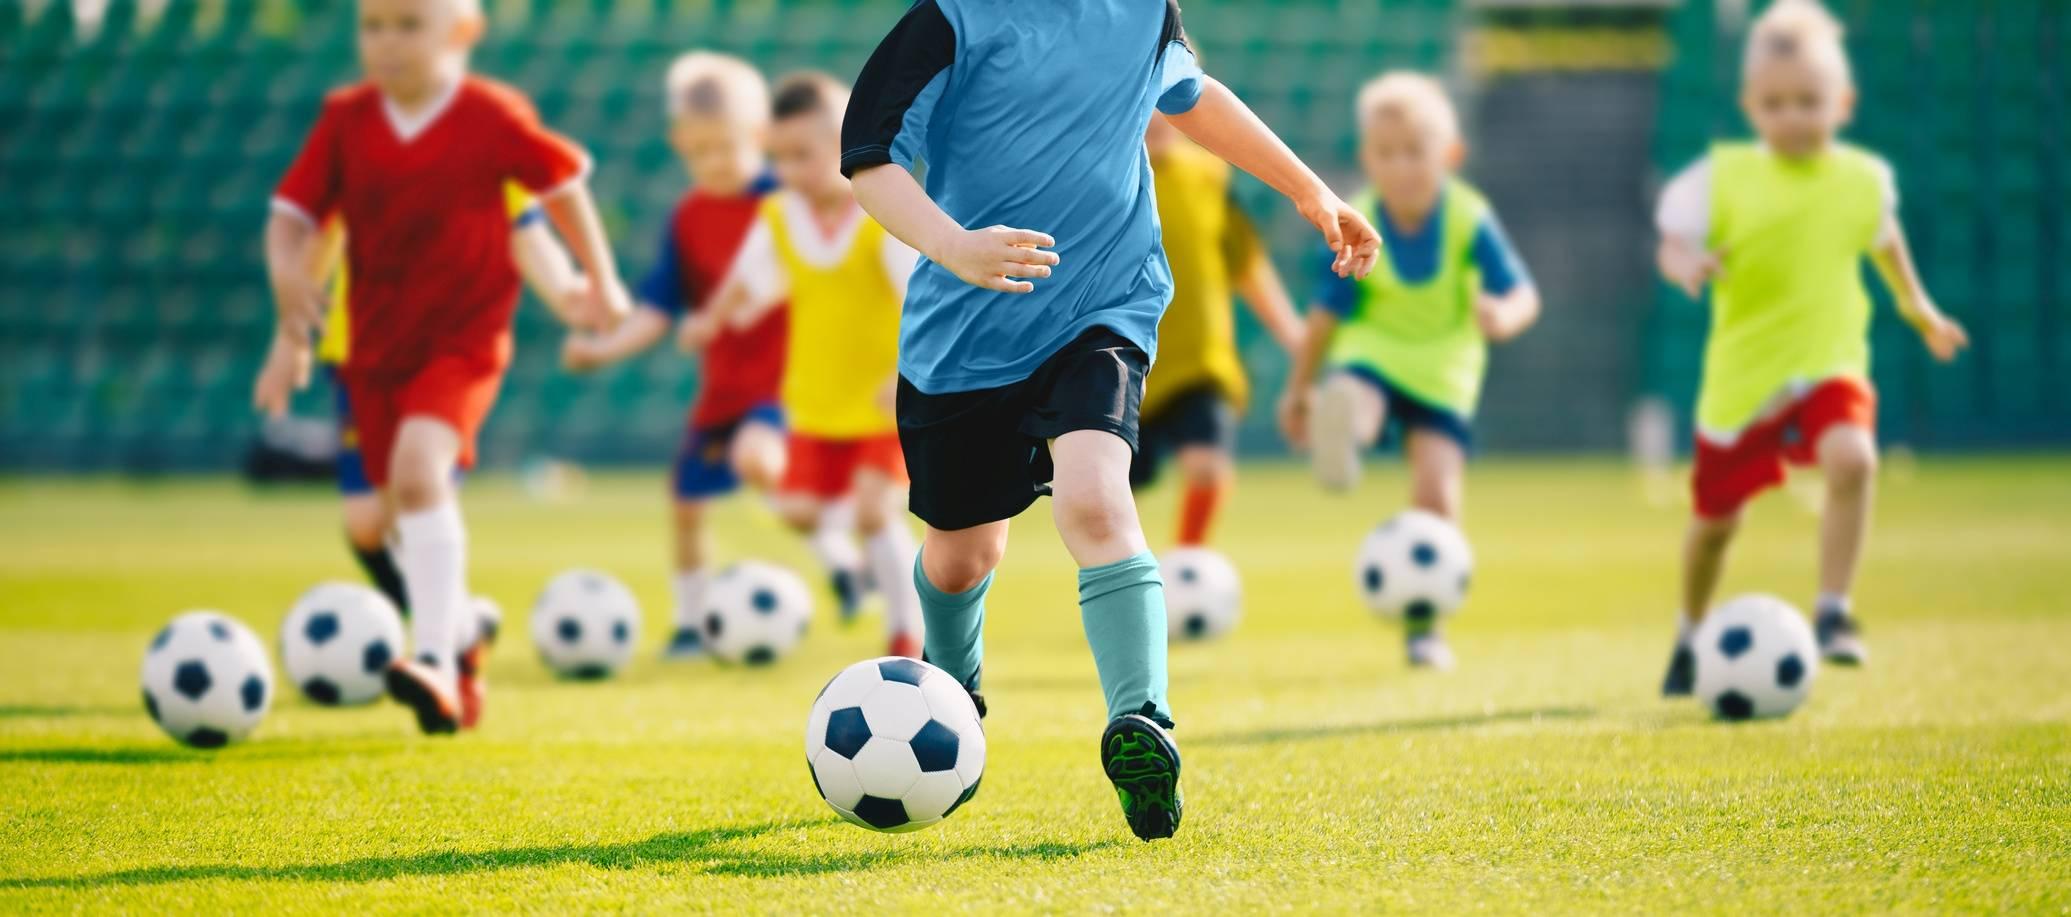 Mali chłopcy grają w piłkę nożną. Jak powinna wyglądać dieta dla aktywnego dziecka i jak skomponować jadłospis dla trenujących dzieci?